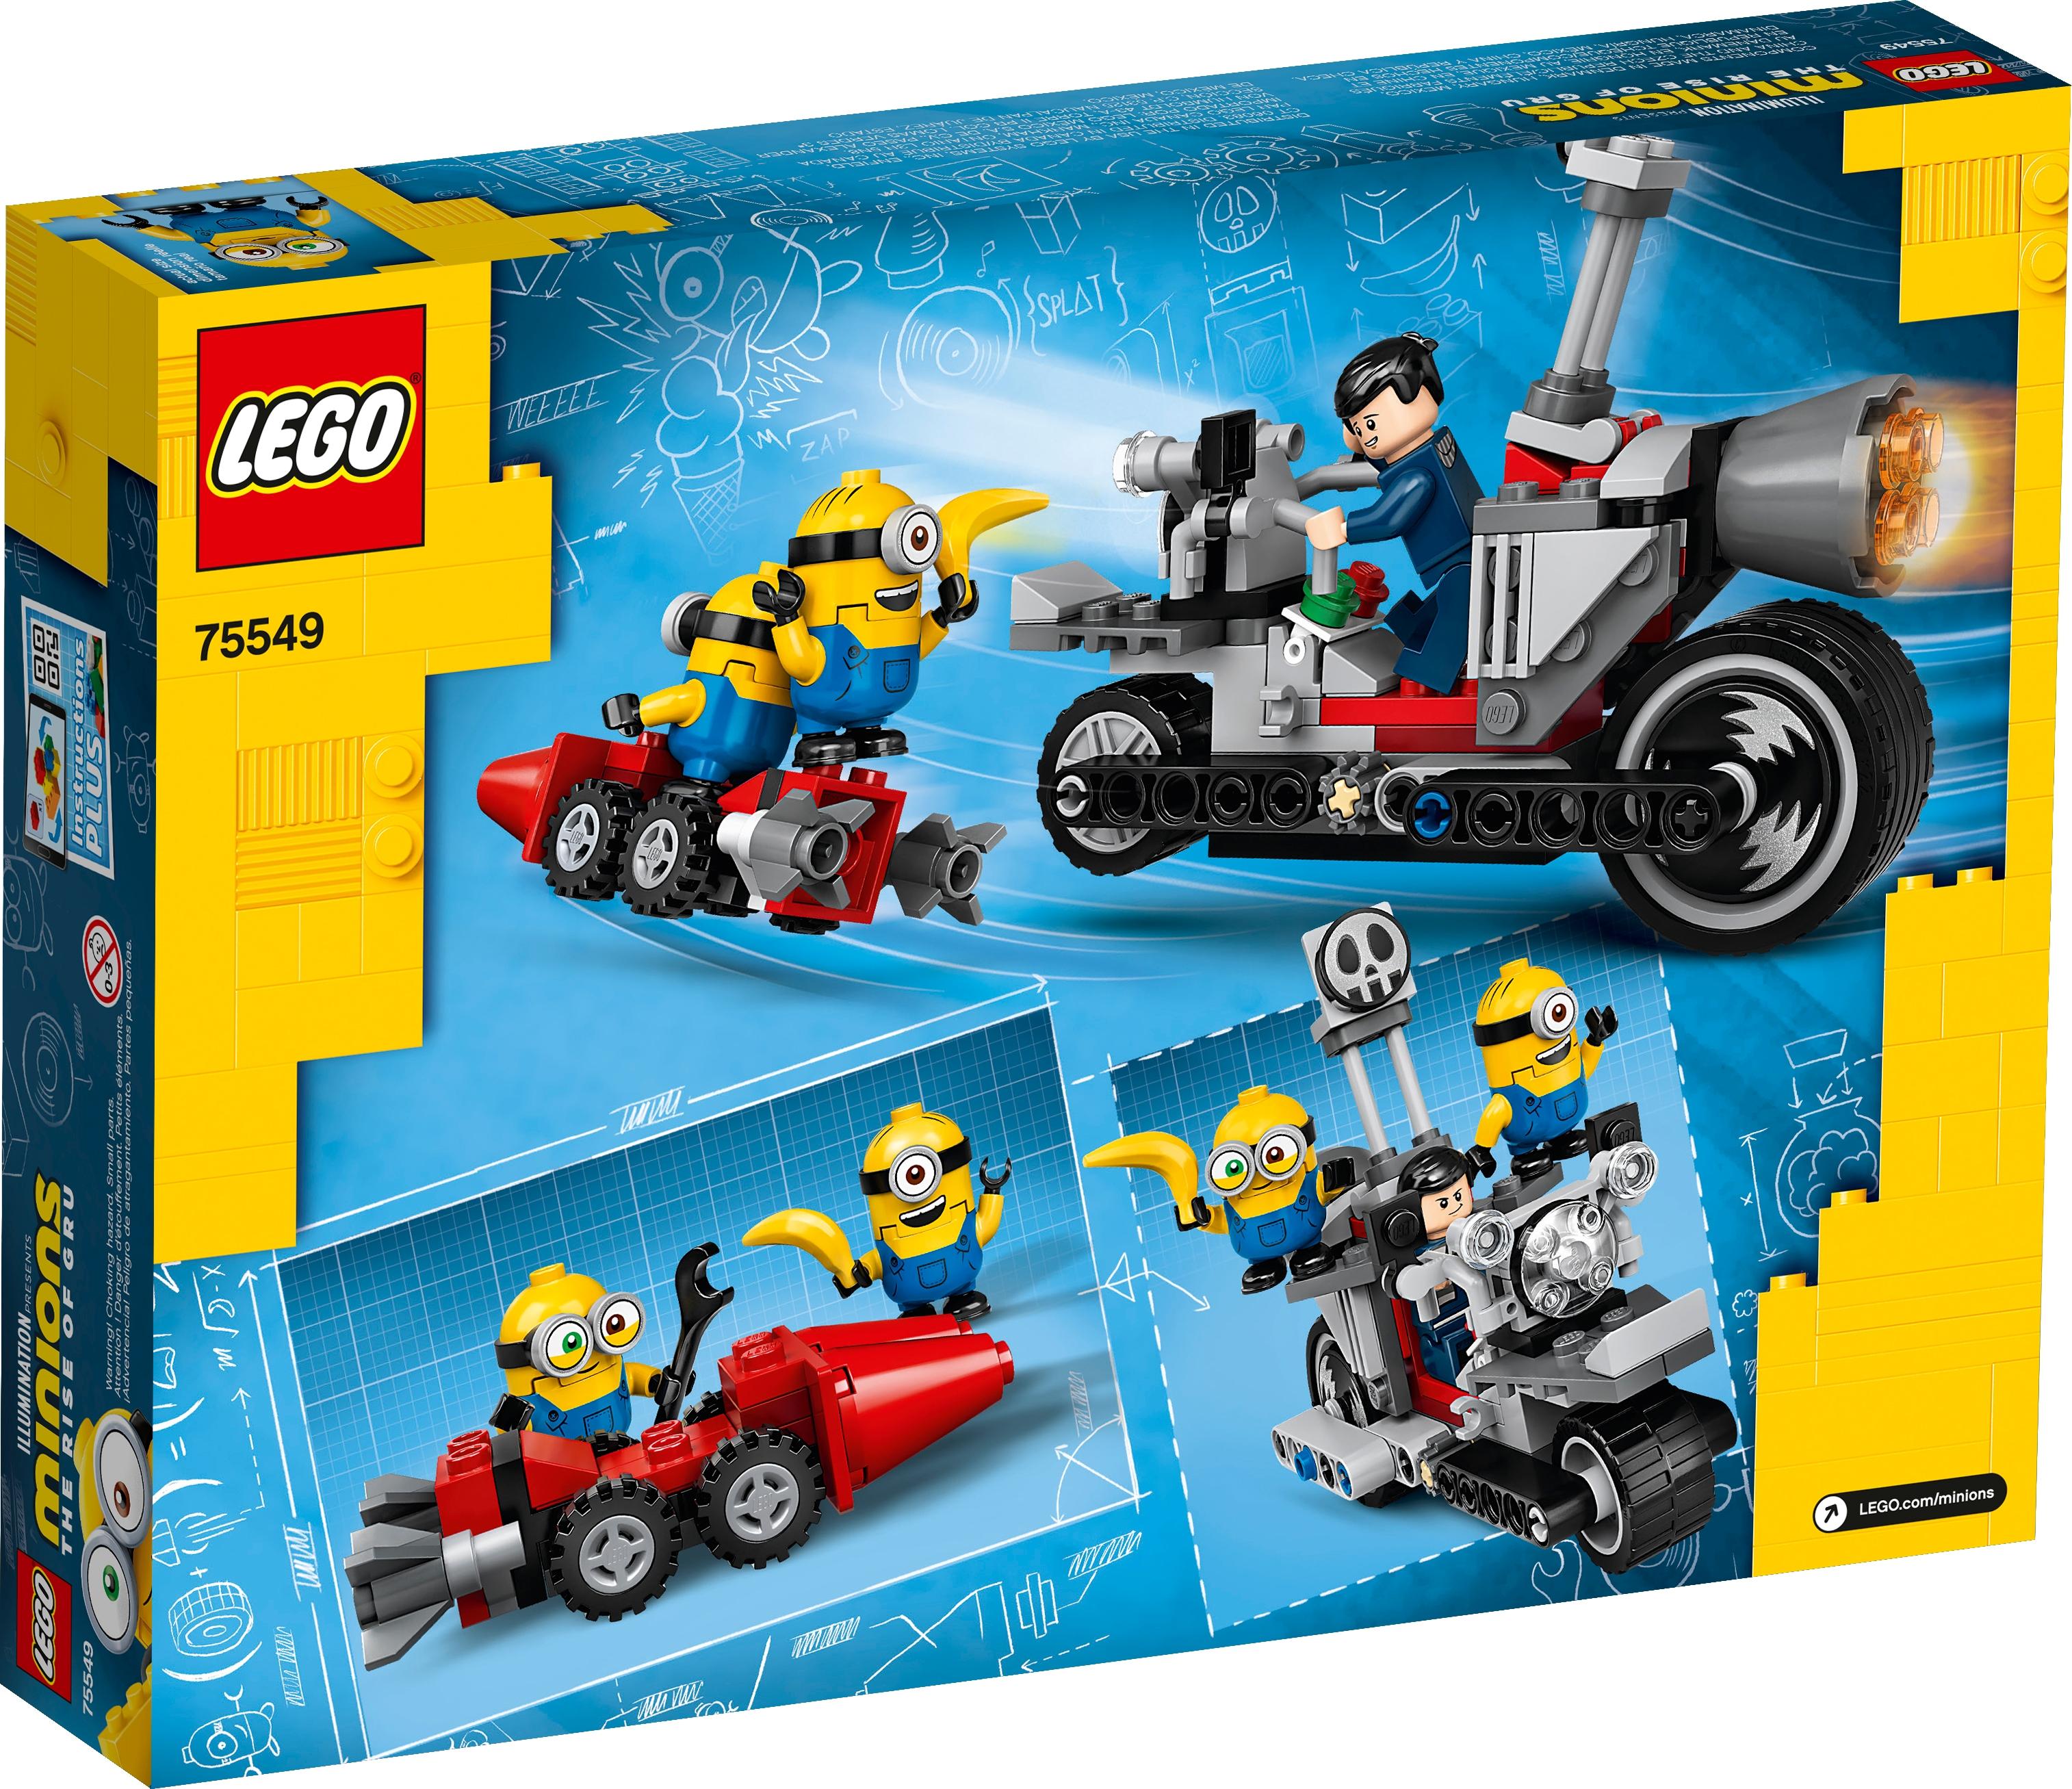 LEGO Minions 75549 Ostoppbar cykeljakt